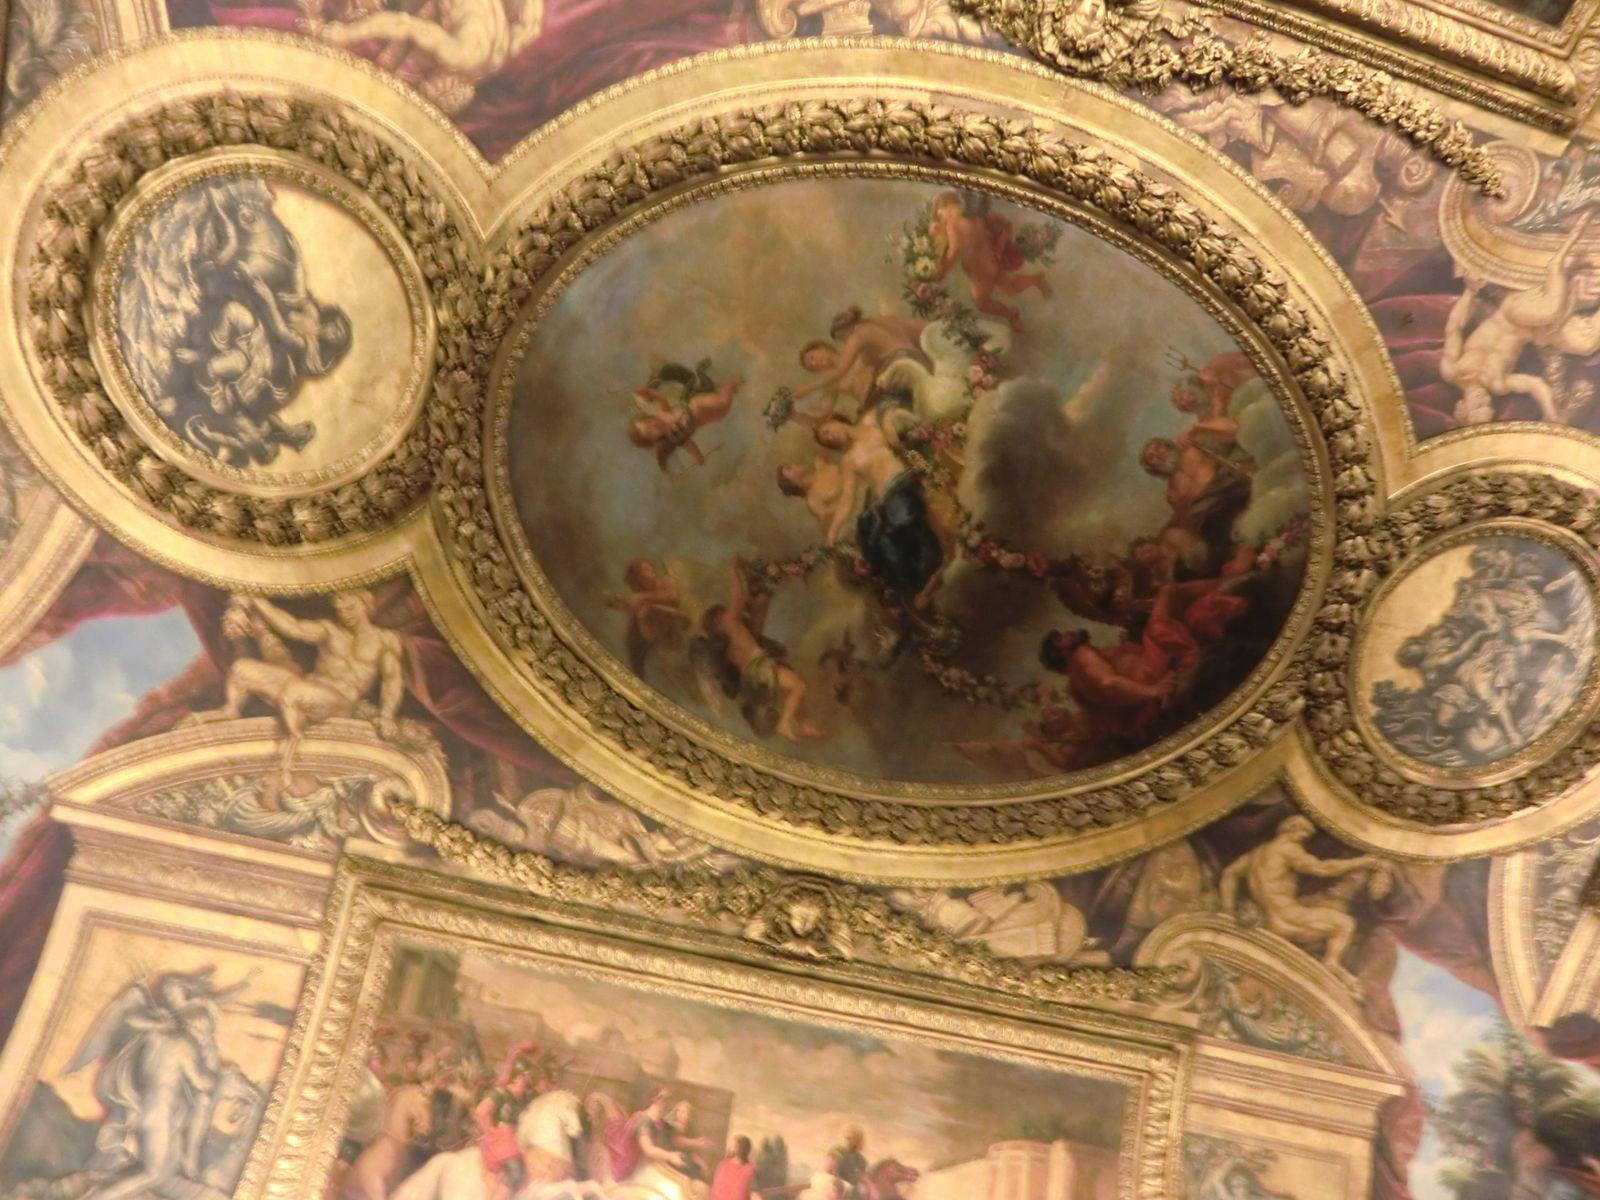 le plafond de François Lemoyne figurant l'Apothéose d'Hercule et le plafond du Salon de l'Abondance